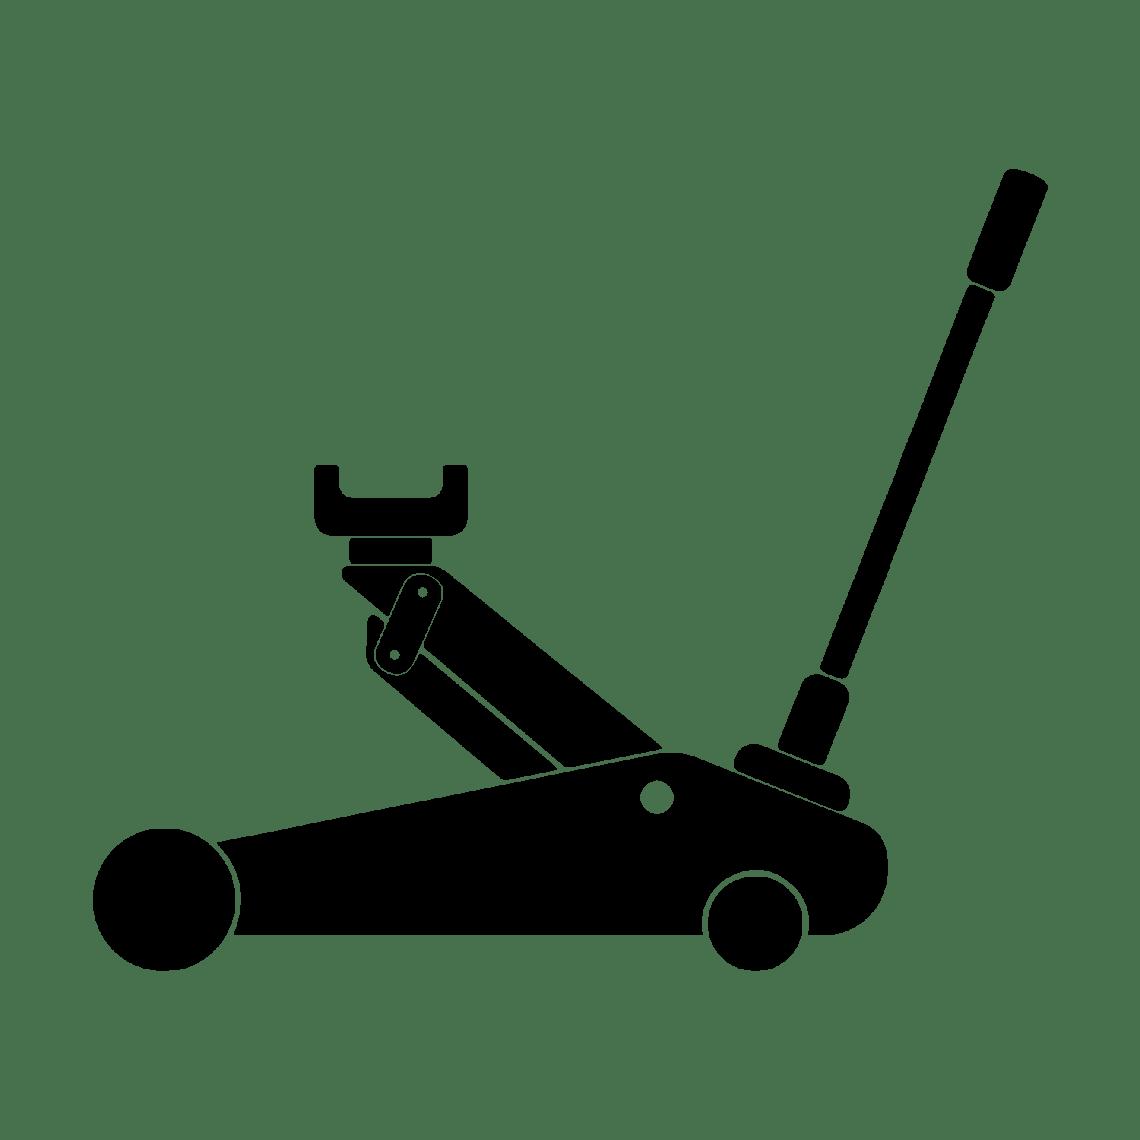 Jacking device